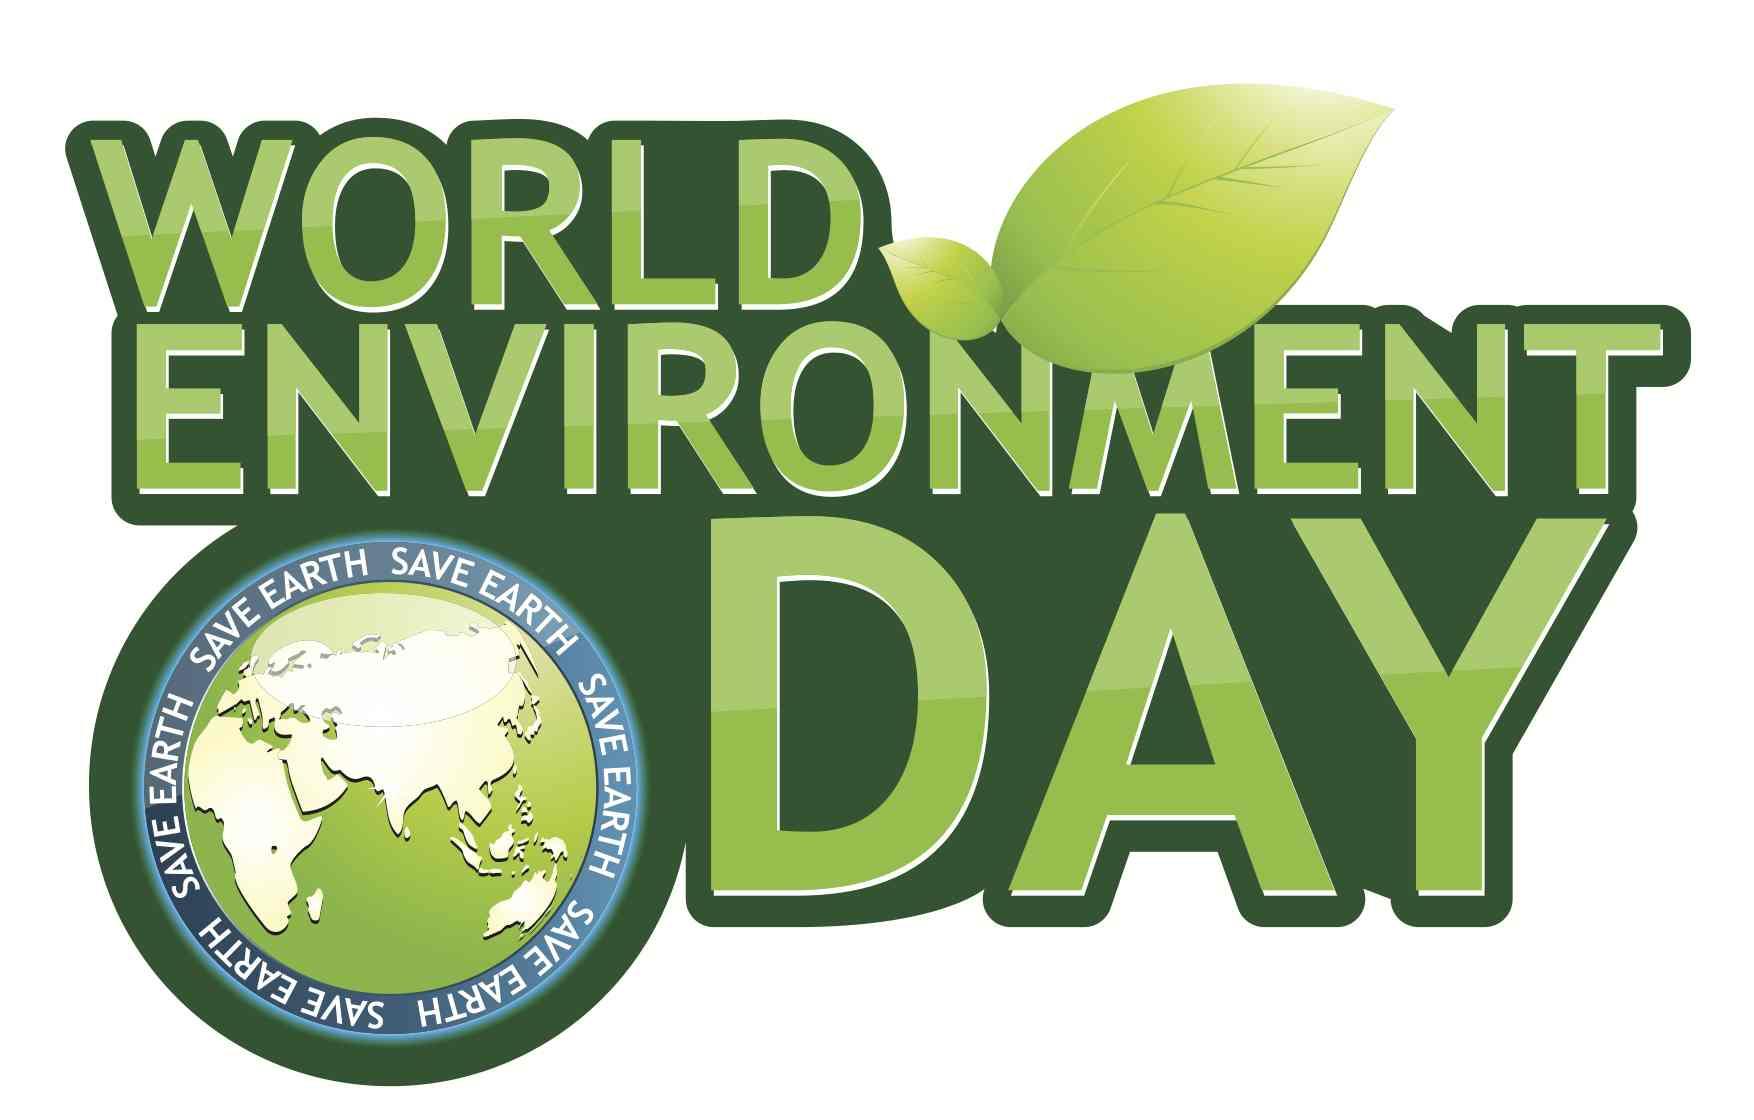 день защиты окружающей среды эмблема